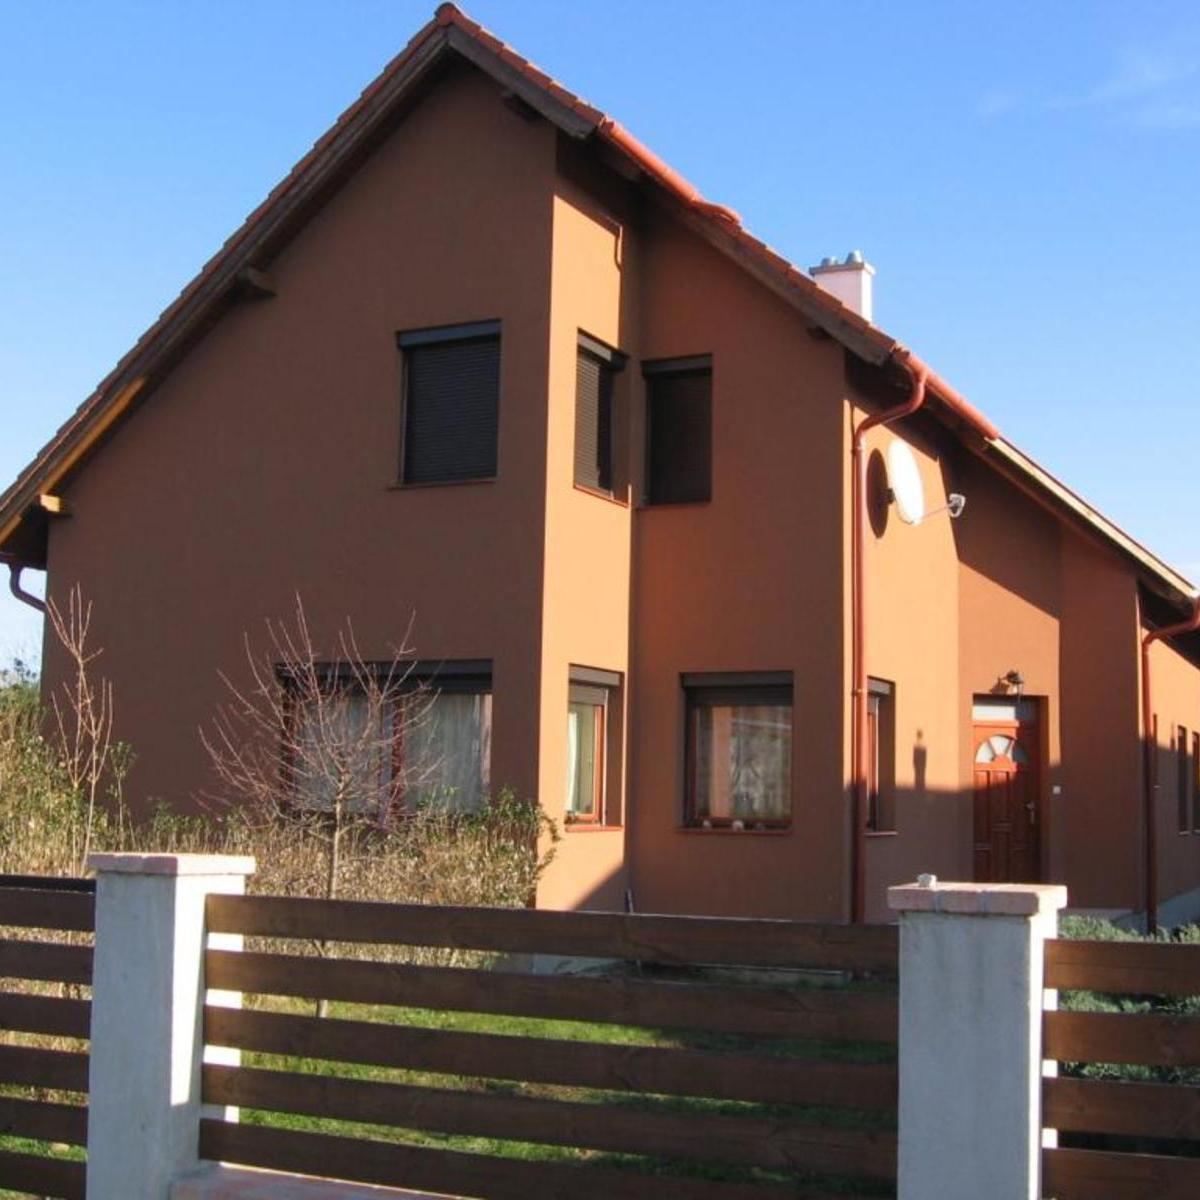 Eladó  nyaraló (Veszprém megye, Balatonvilágos, Barackos utca) 37,9 M  Ft